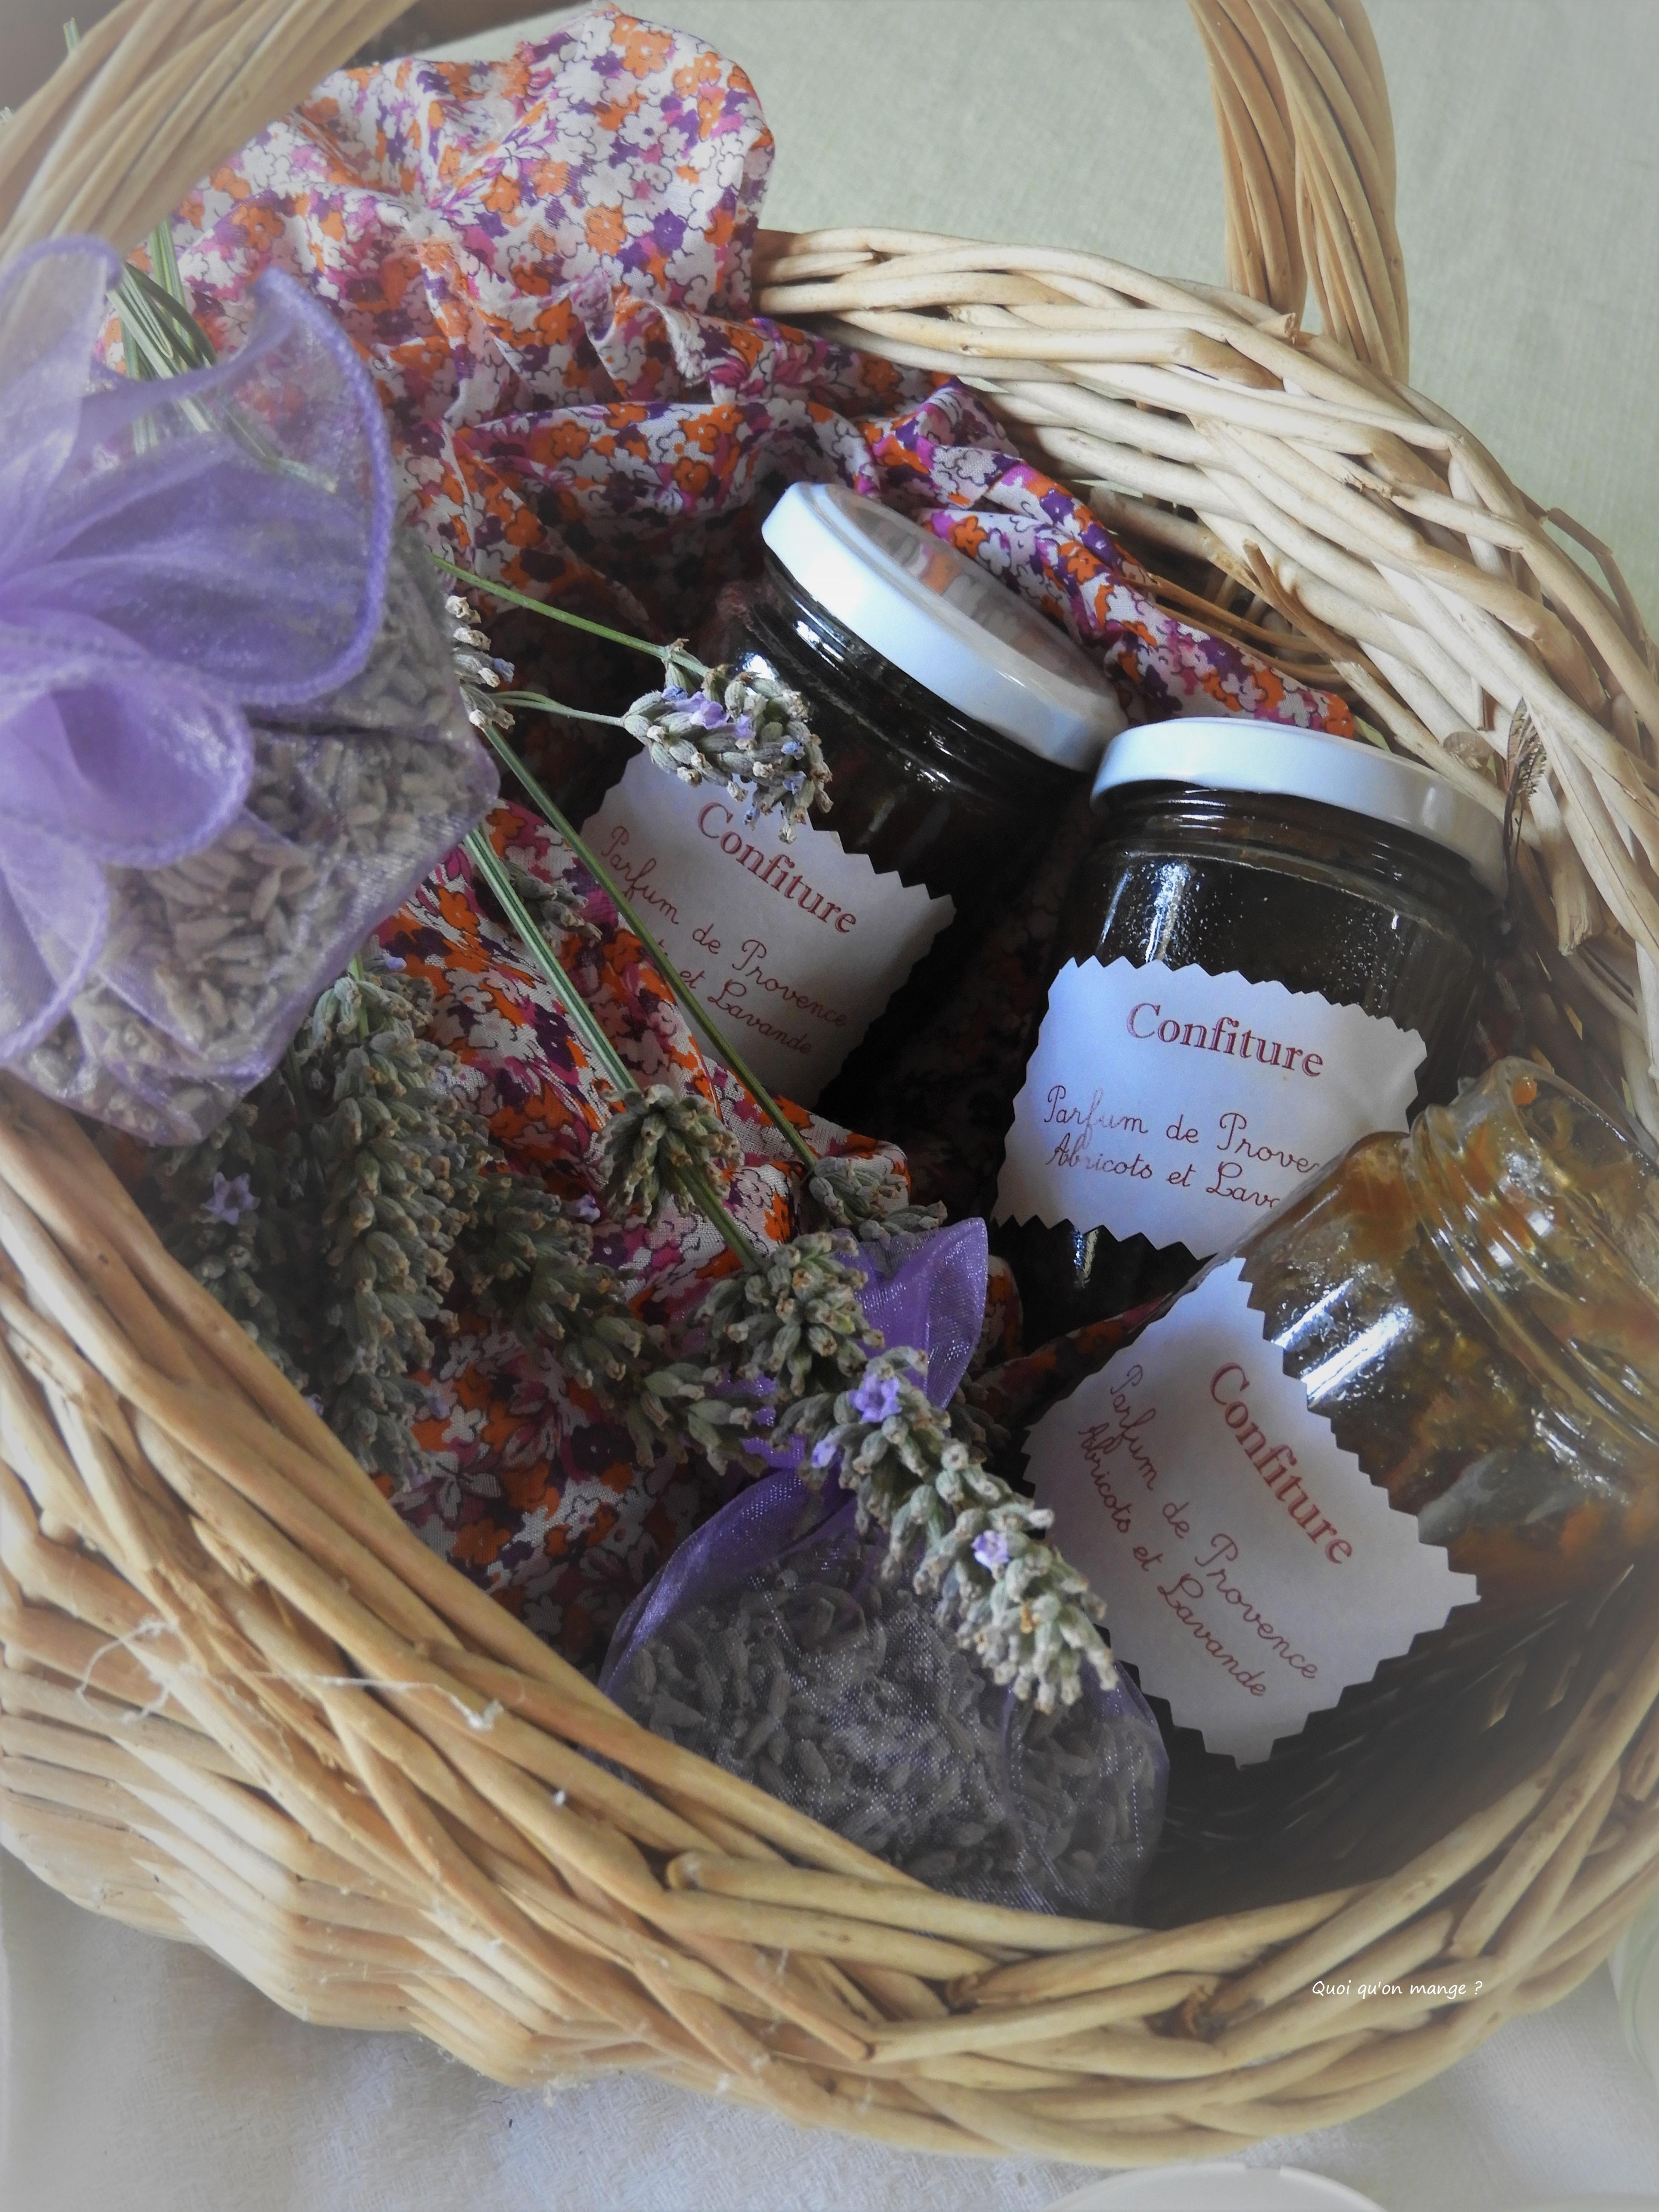 Confiture Parfum de Provence Abricots et Lavande